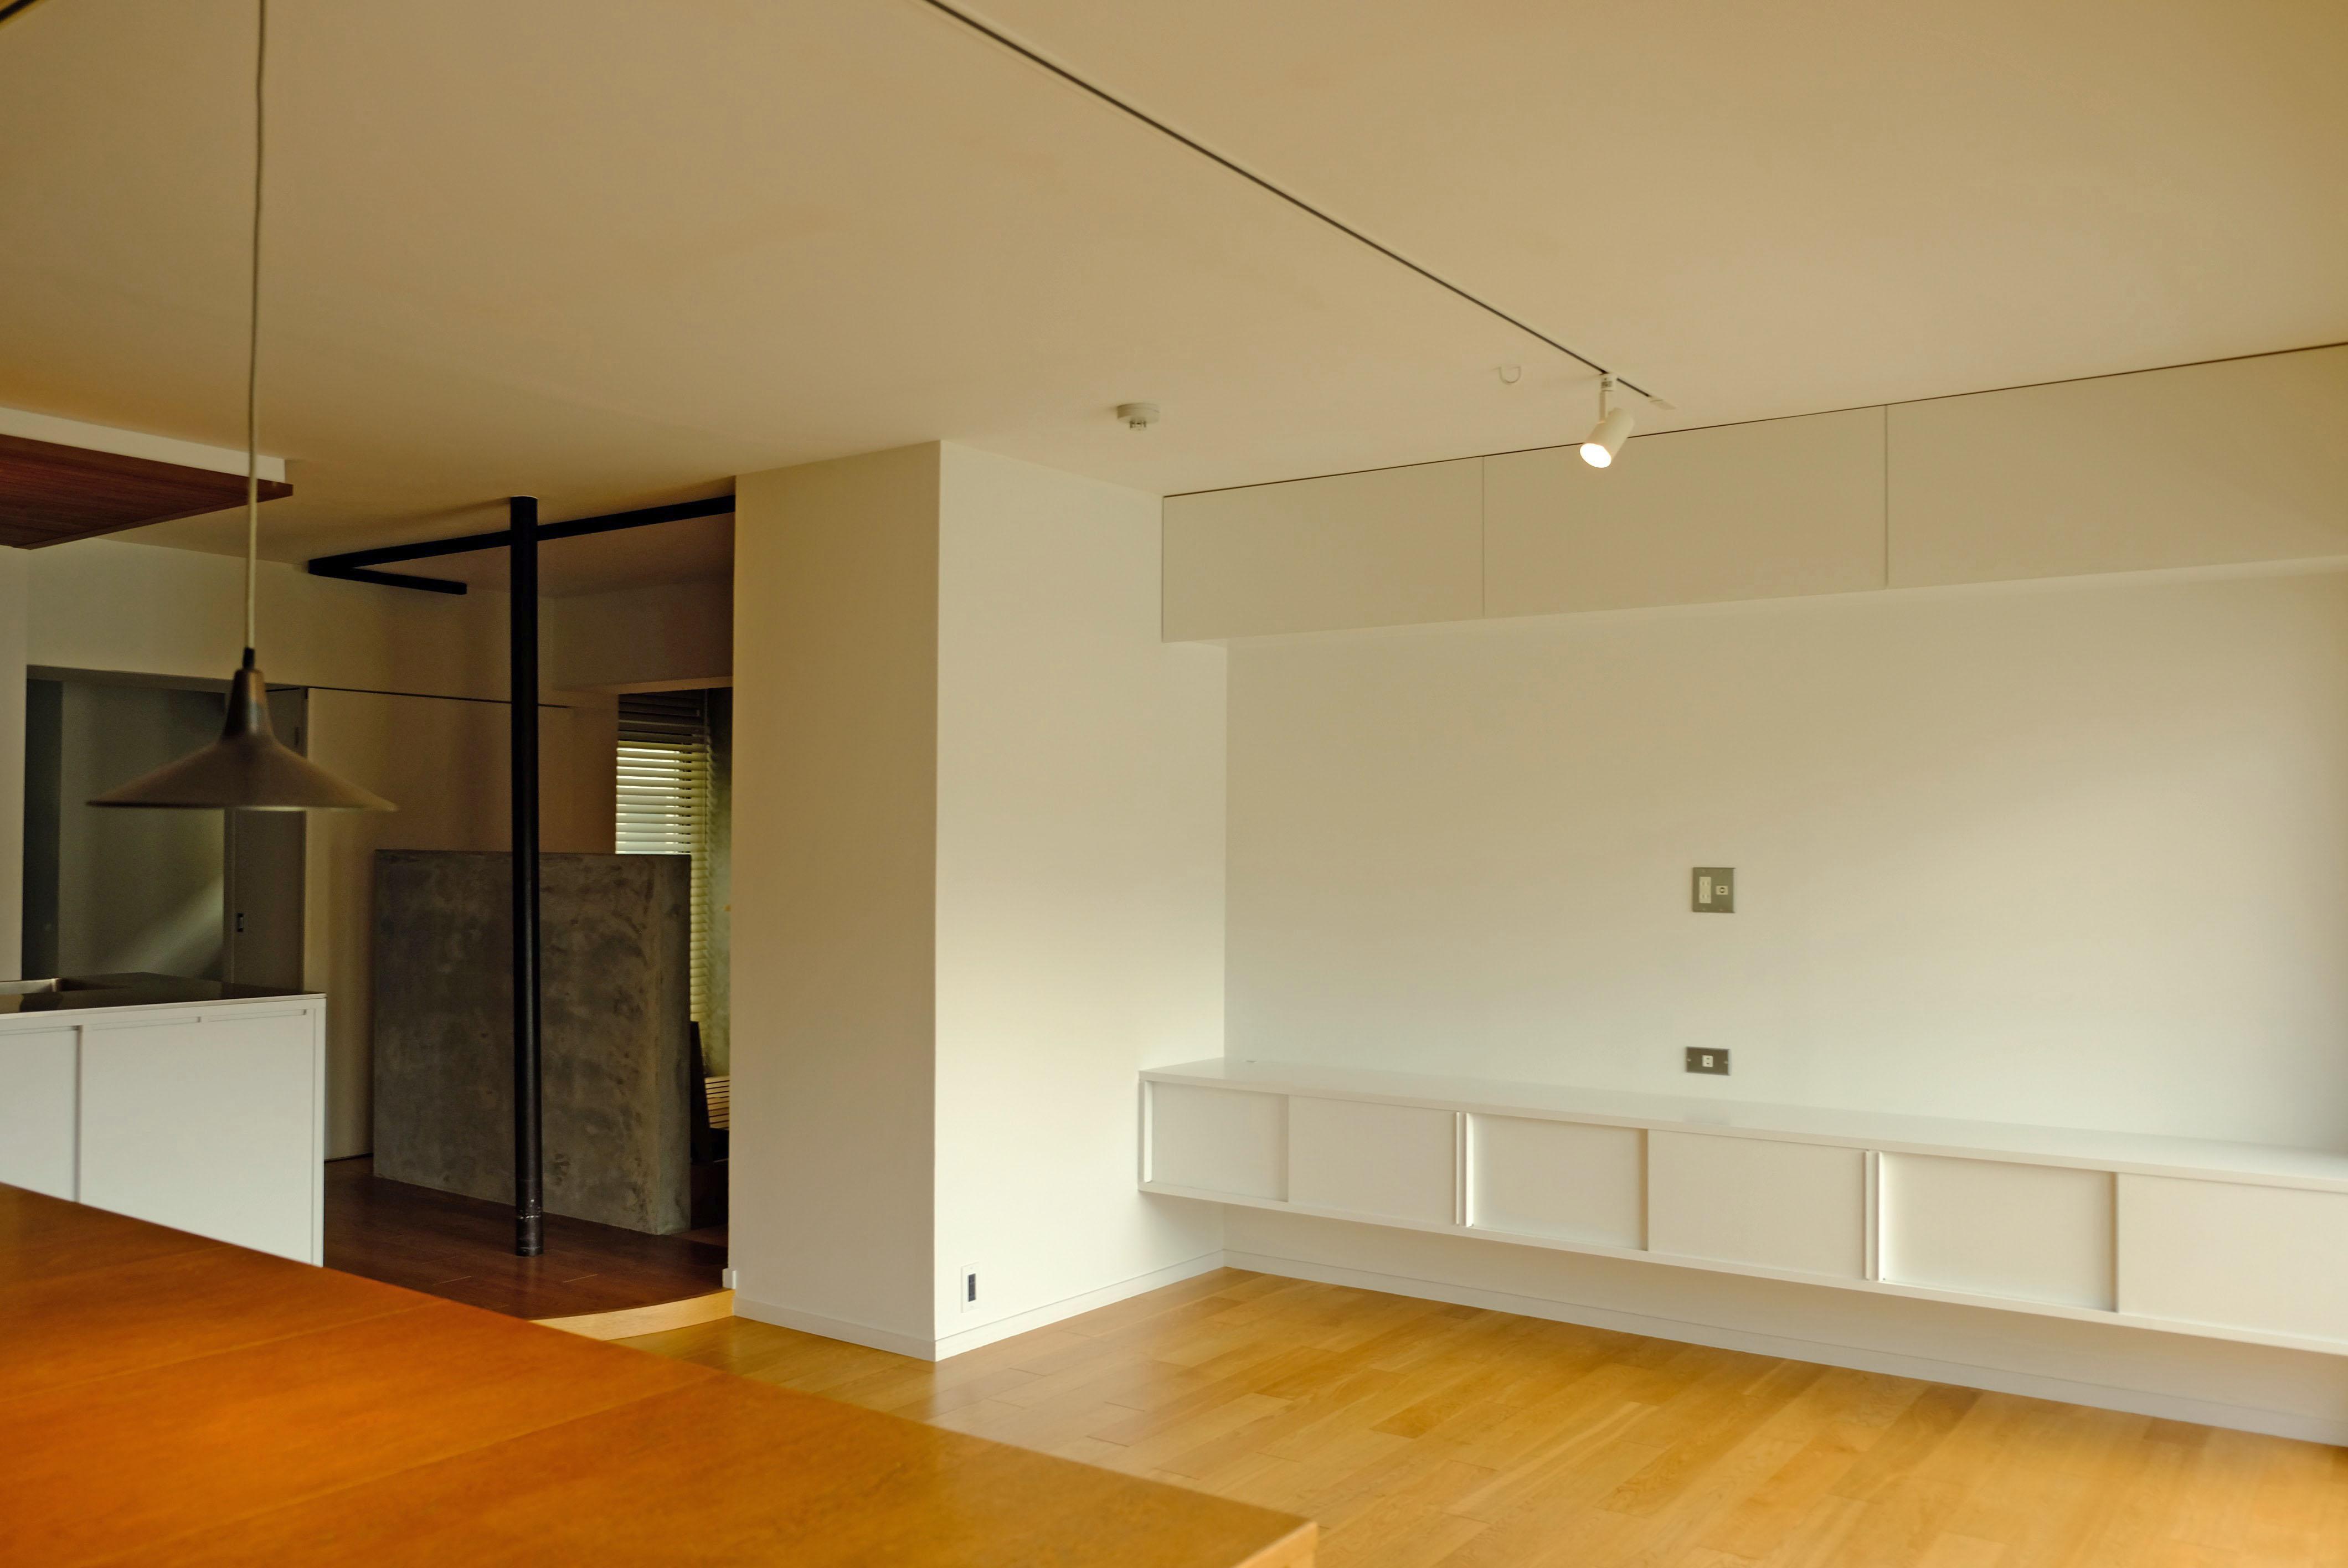 塗装壁の柔らかな雰囲気も良いです